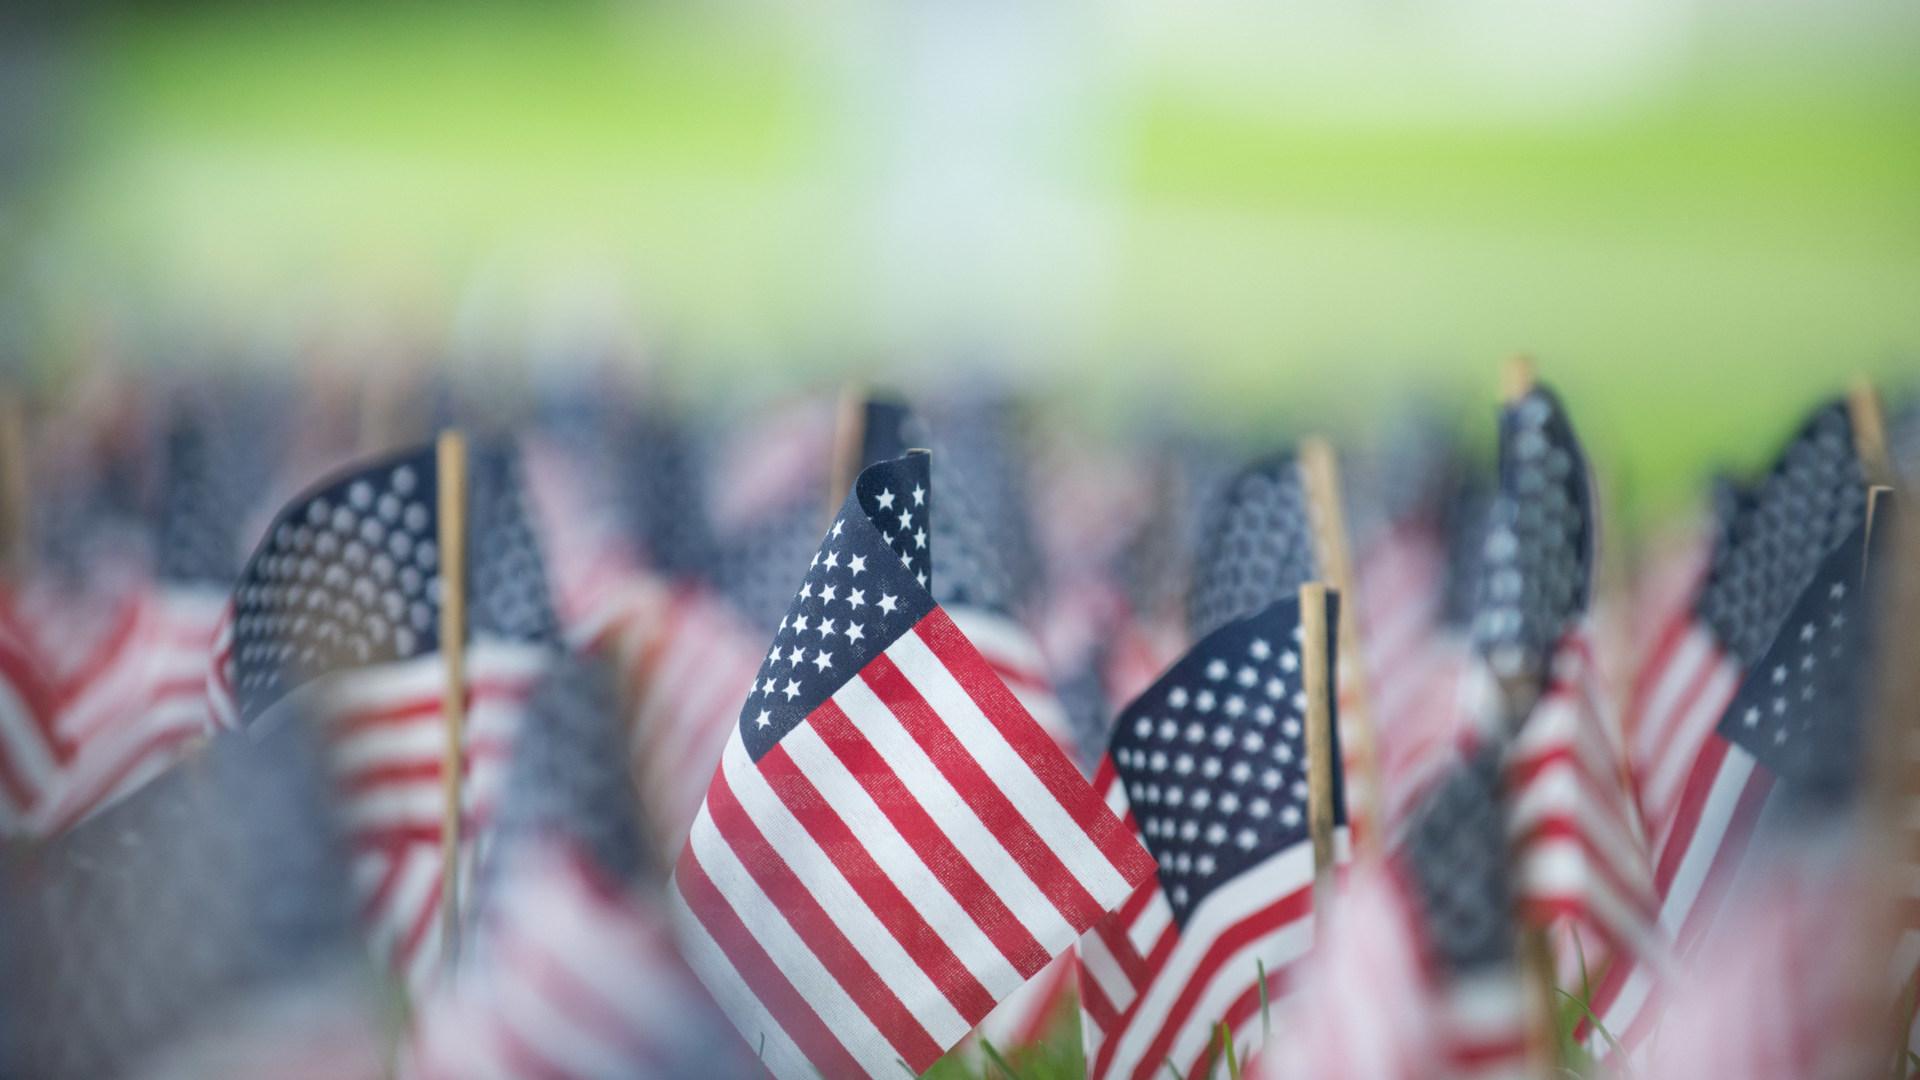 September 11 Remembrance